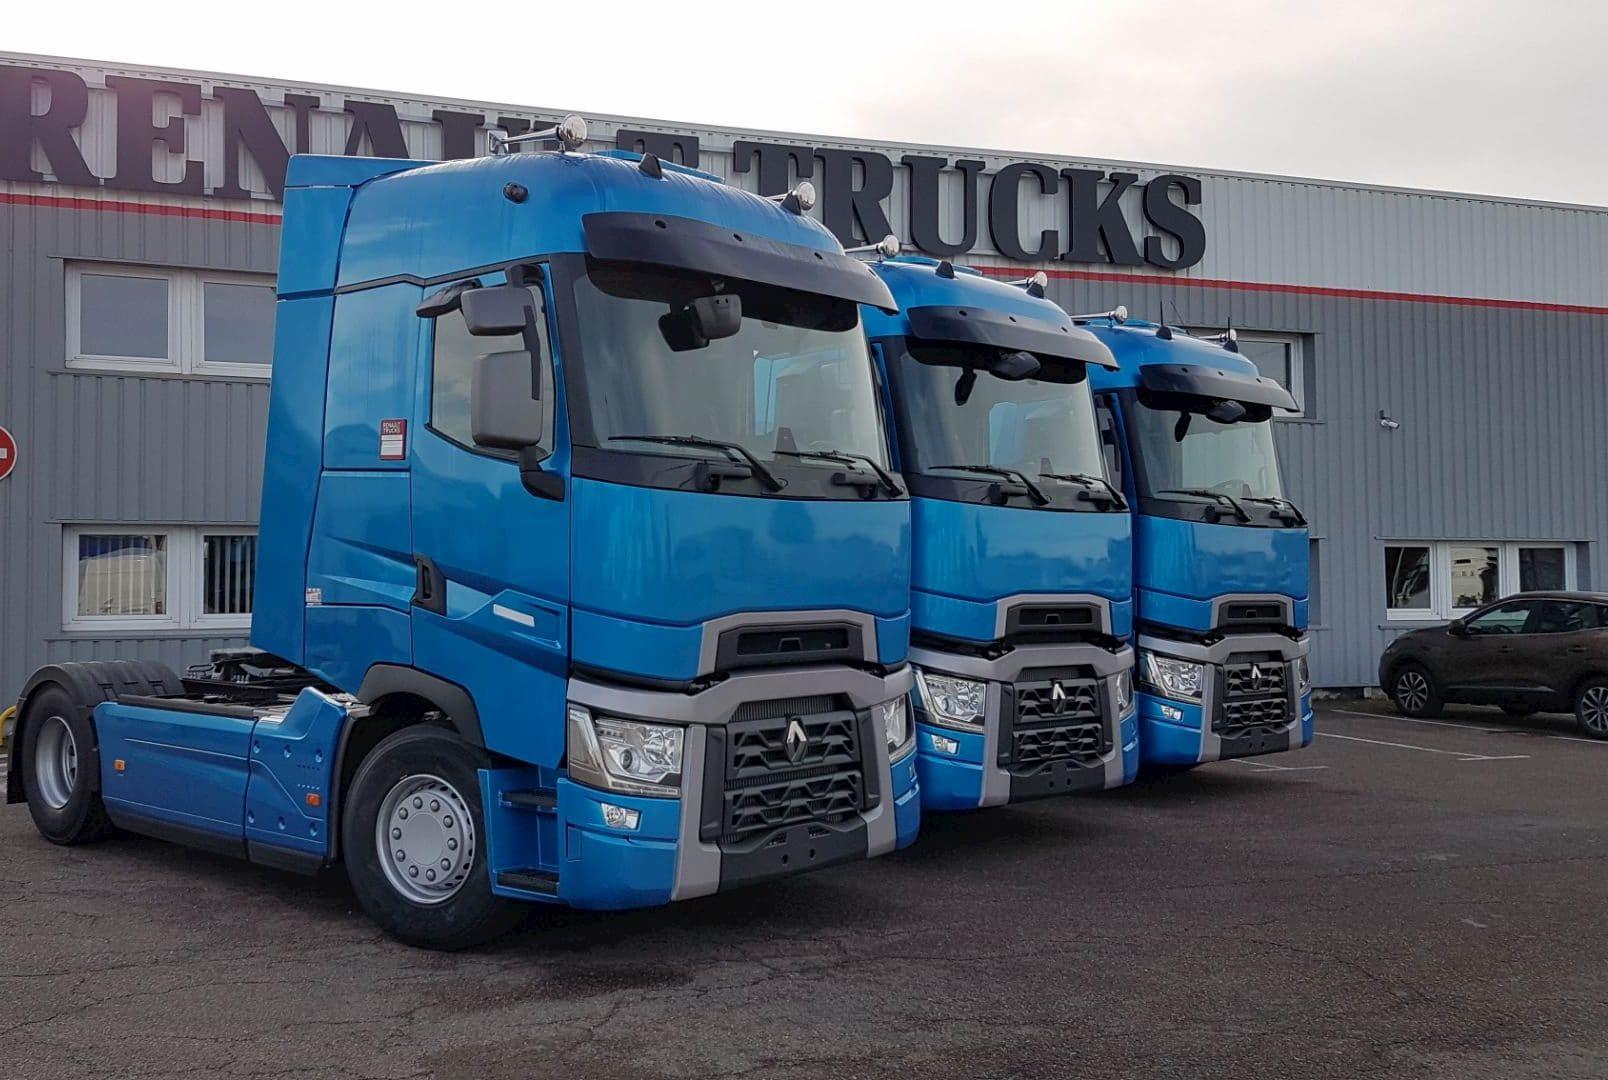 Groupe Renaudeau - Vente de camions poids lourds neufs